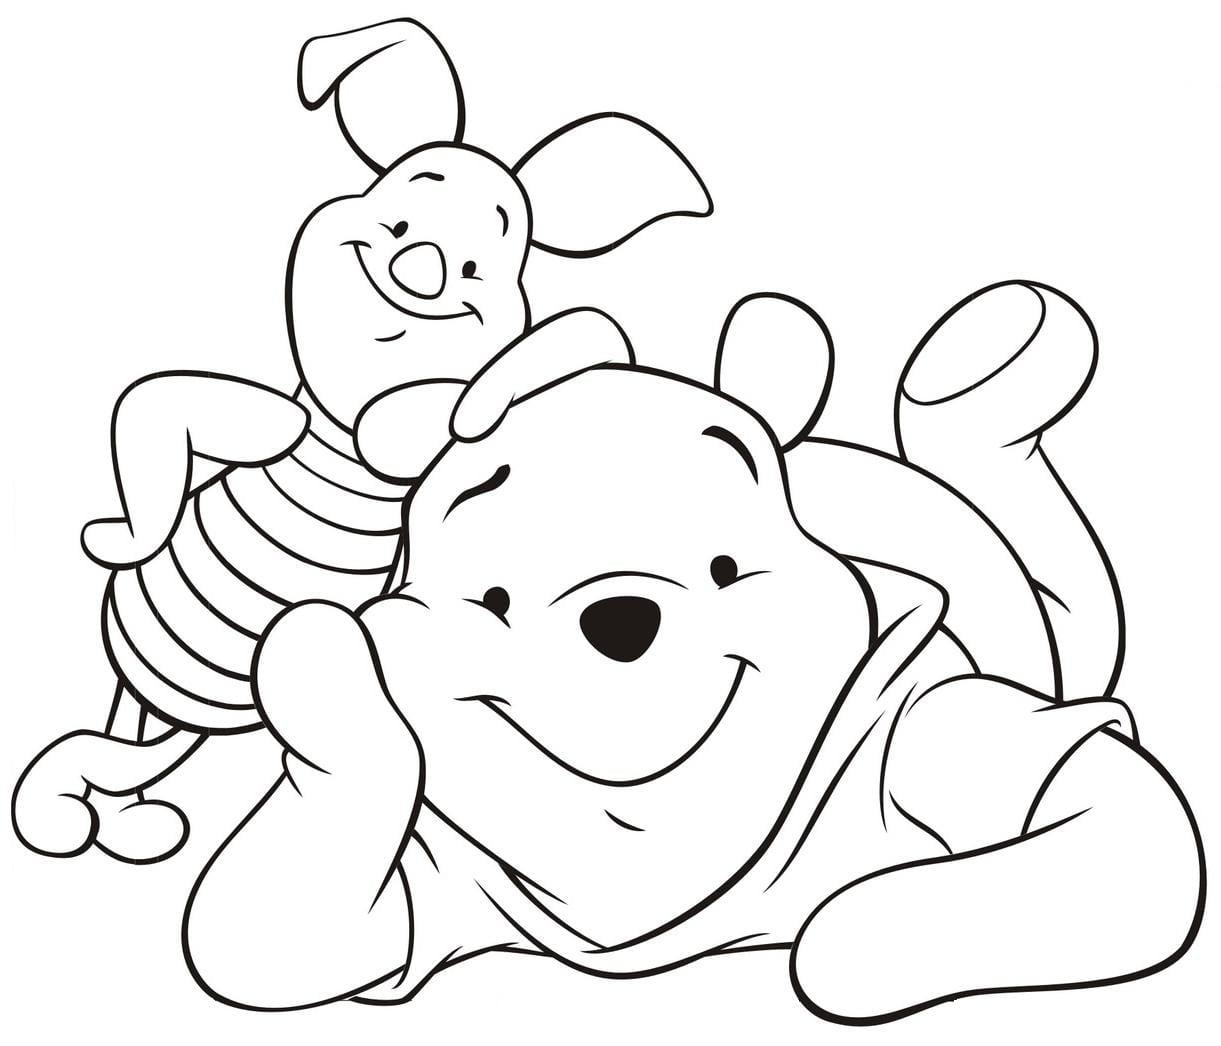 Mais De 175 Desenhos Da Disney – Desenhos Para Colorir